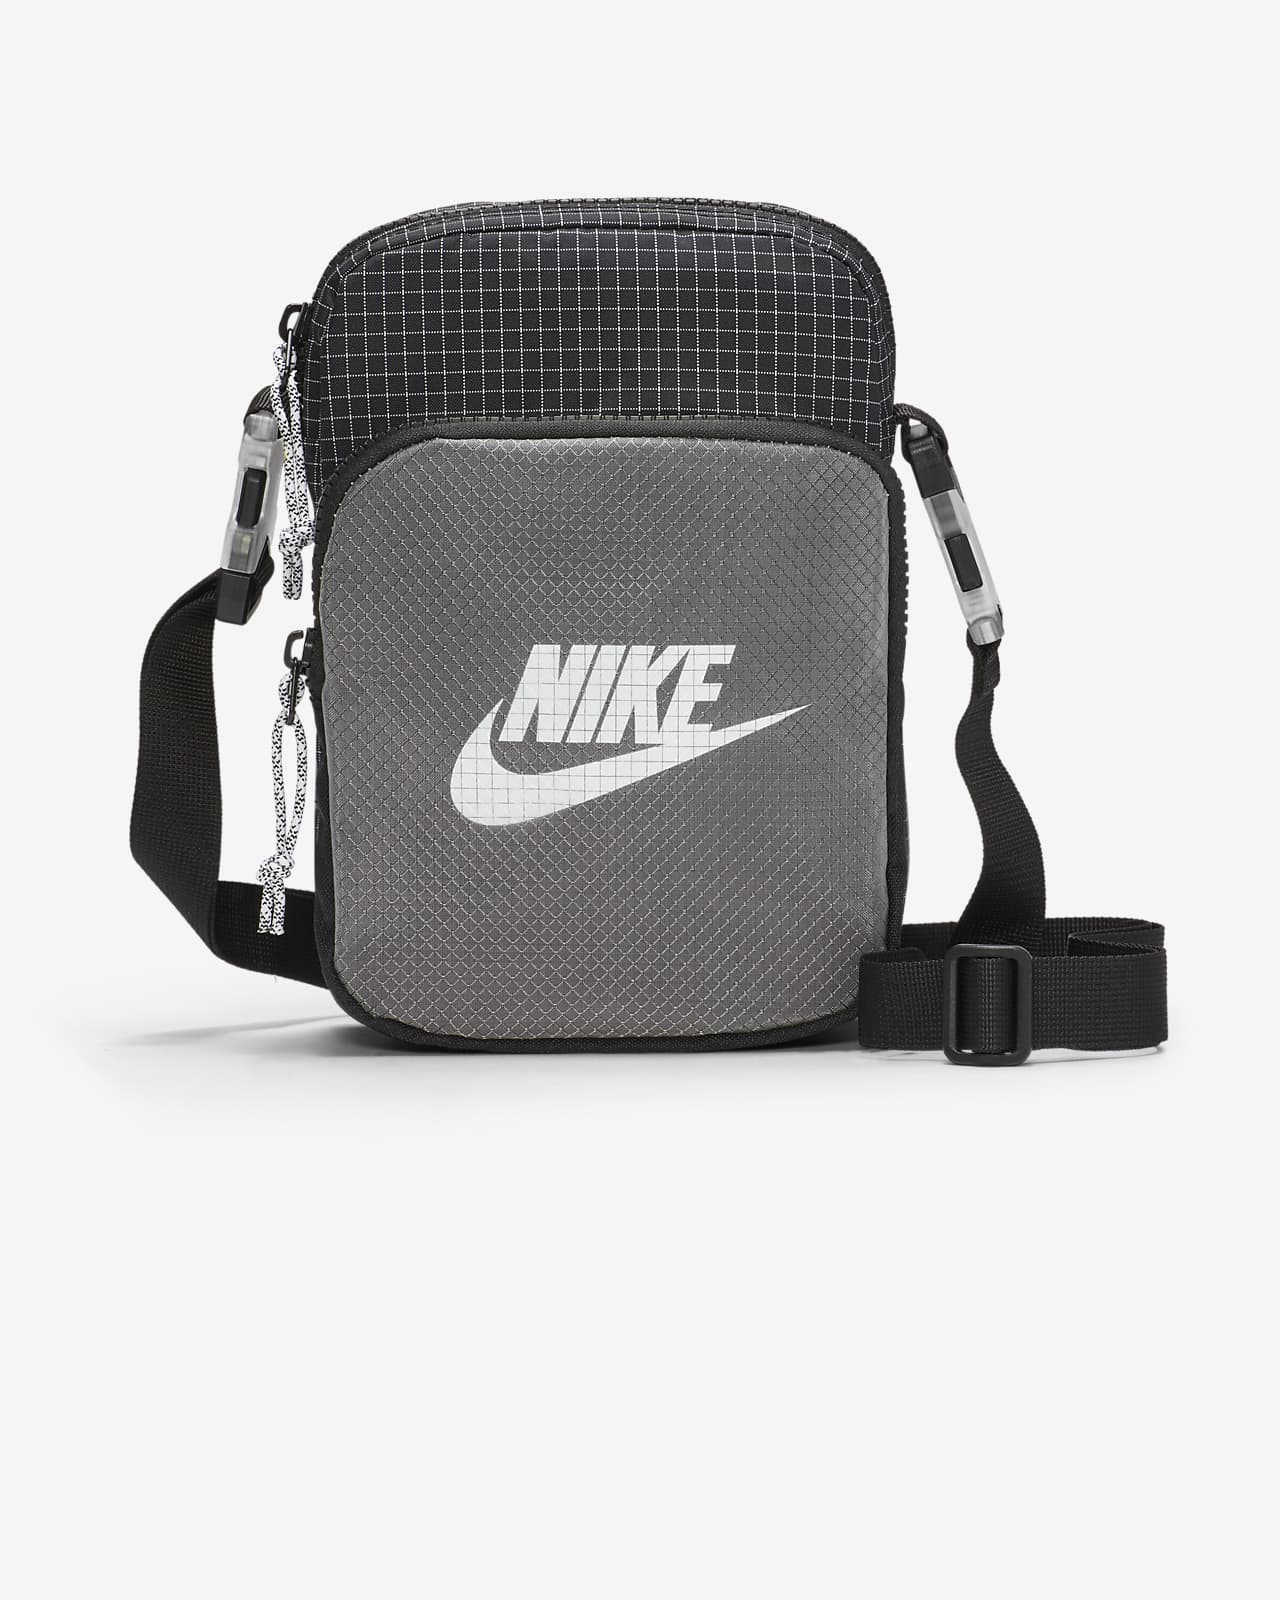 schwarz Neopren Einheitsgr/ö/ße bunt Fitletic NO2 H/üfttasche mit 2 Taschen